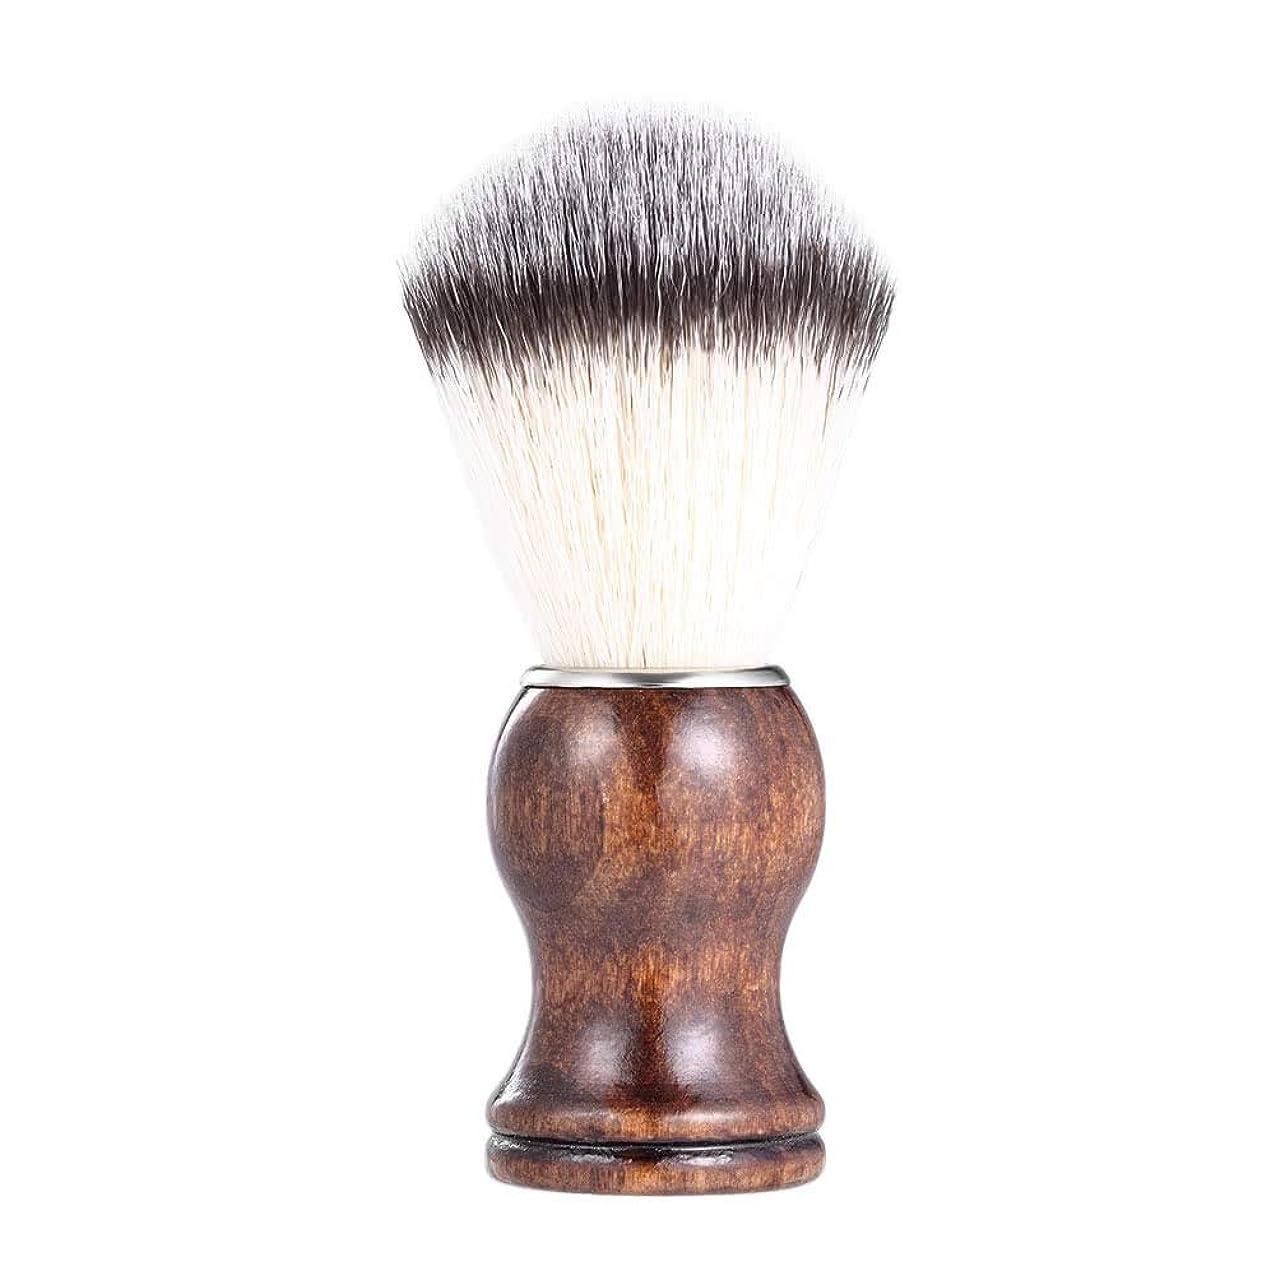 迅速サイズ使い込むあごひげケア 美容ツール メンズ用 髭剃り ブラシ シェービングブラシ 木製ハンドル 男性 ギフト理容 洗顔 髭剃り